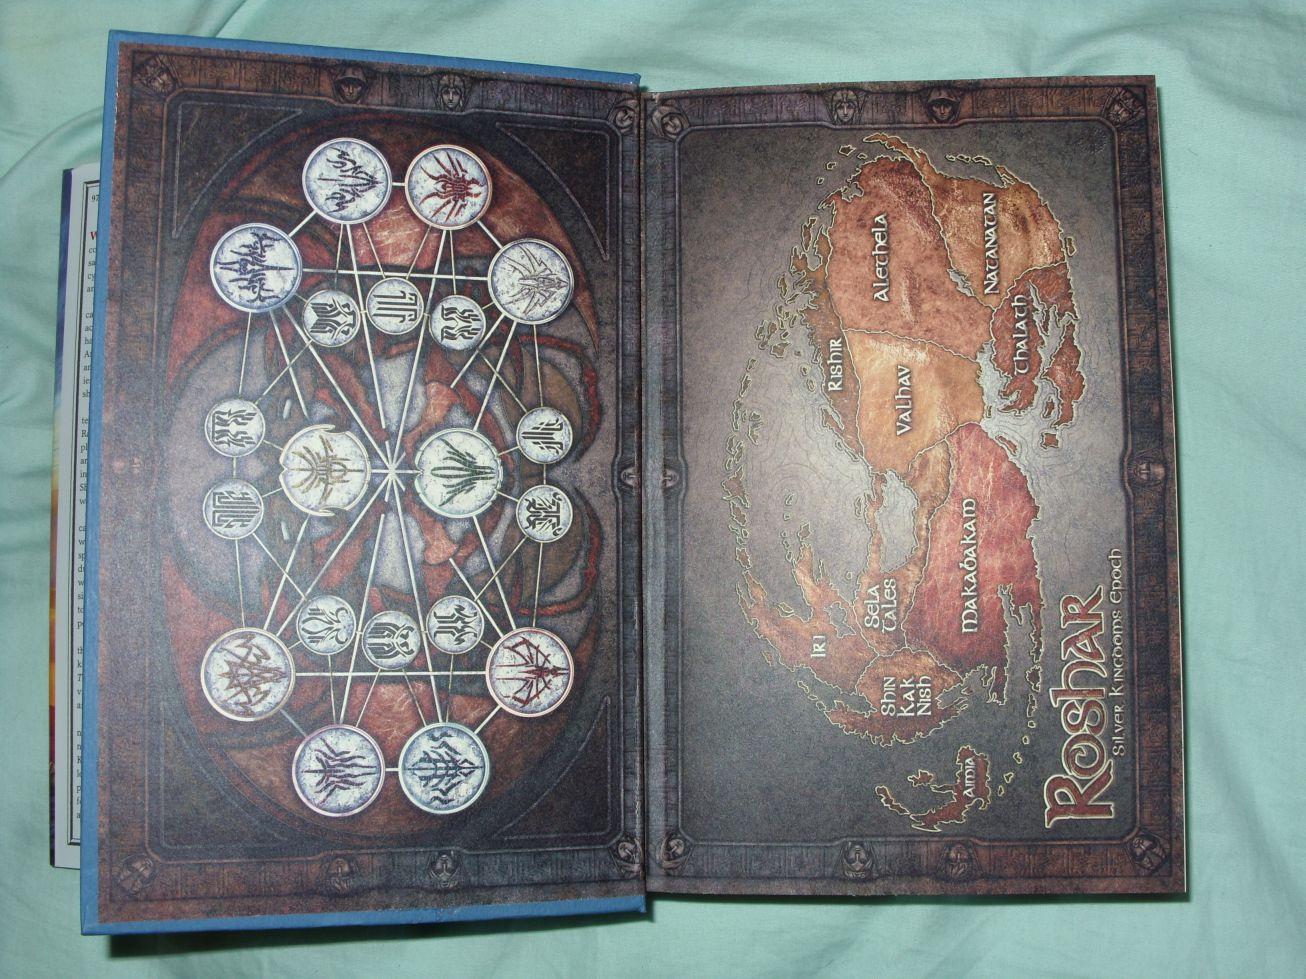 Roland's Codex: August 2010